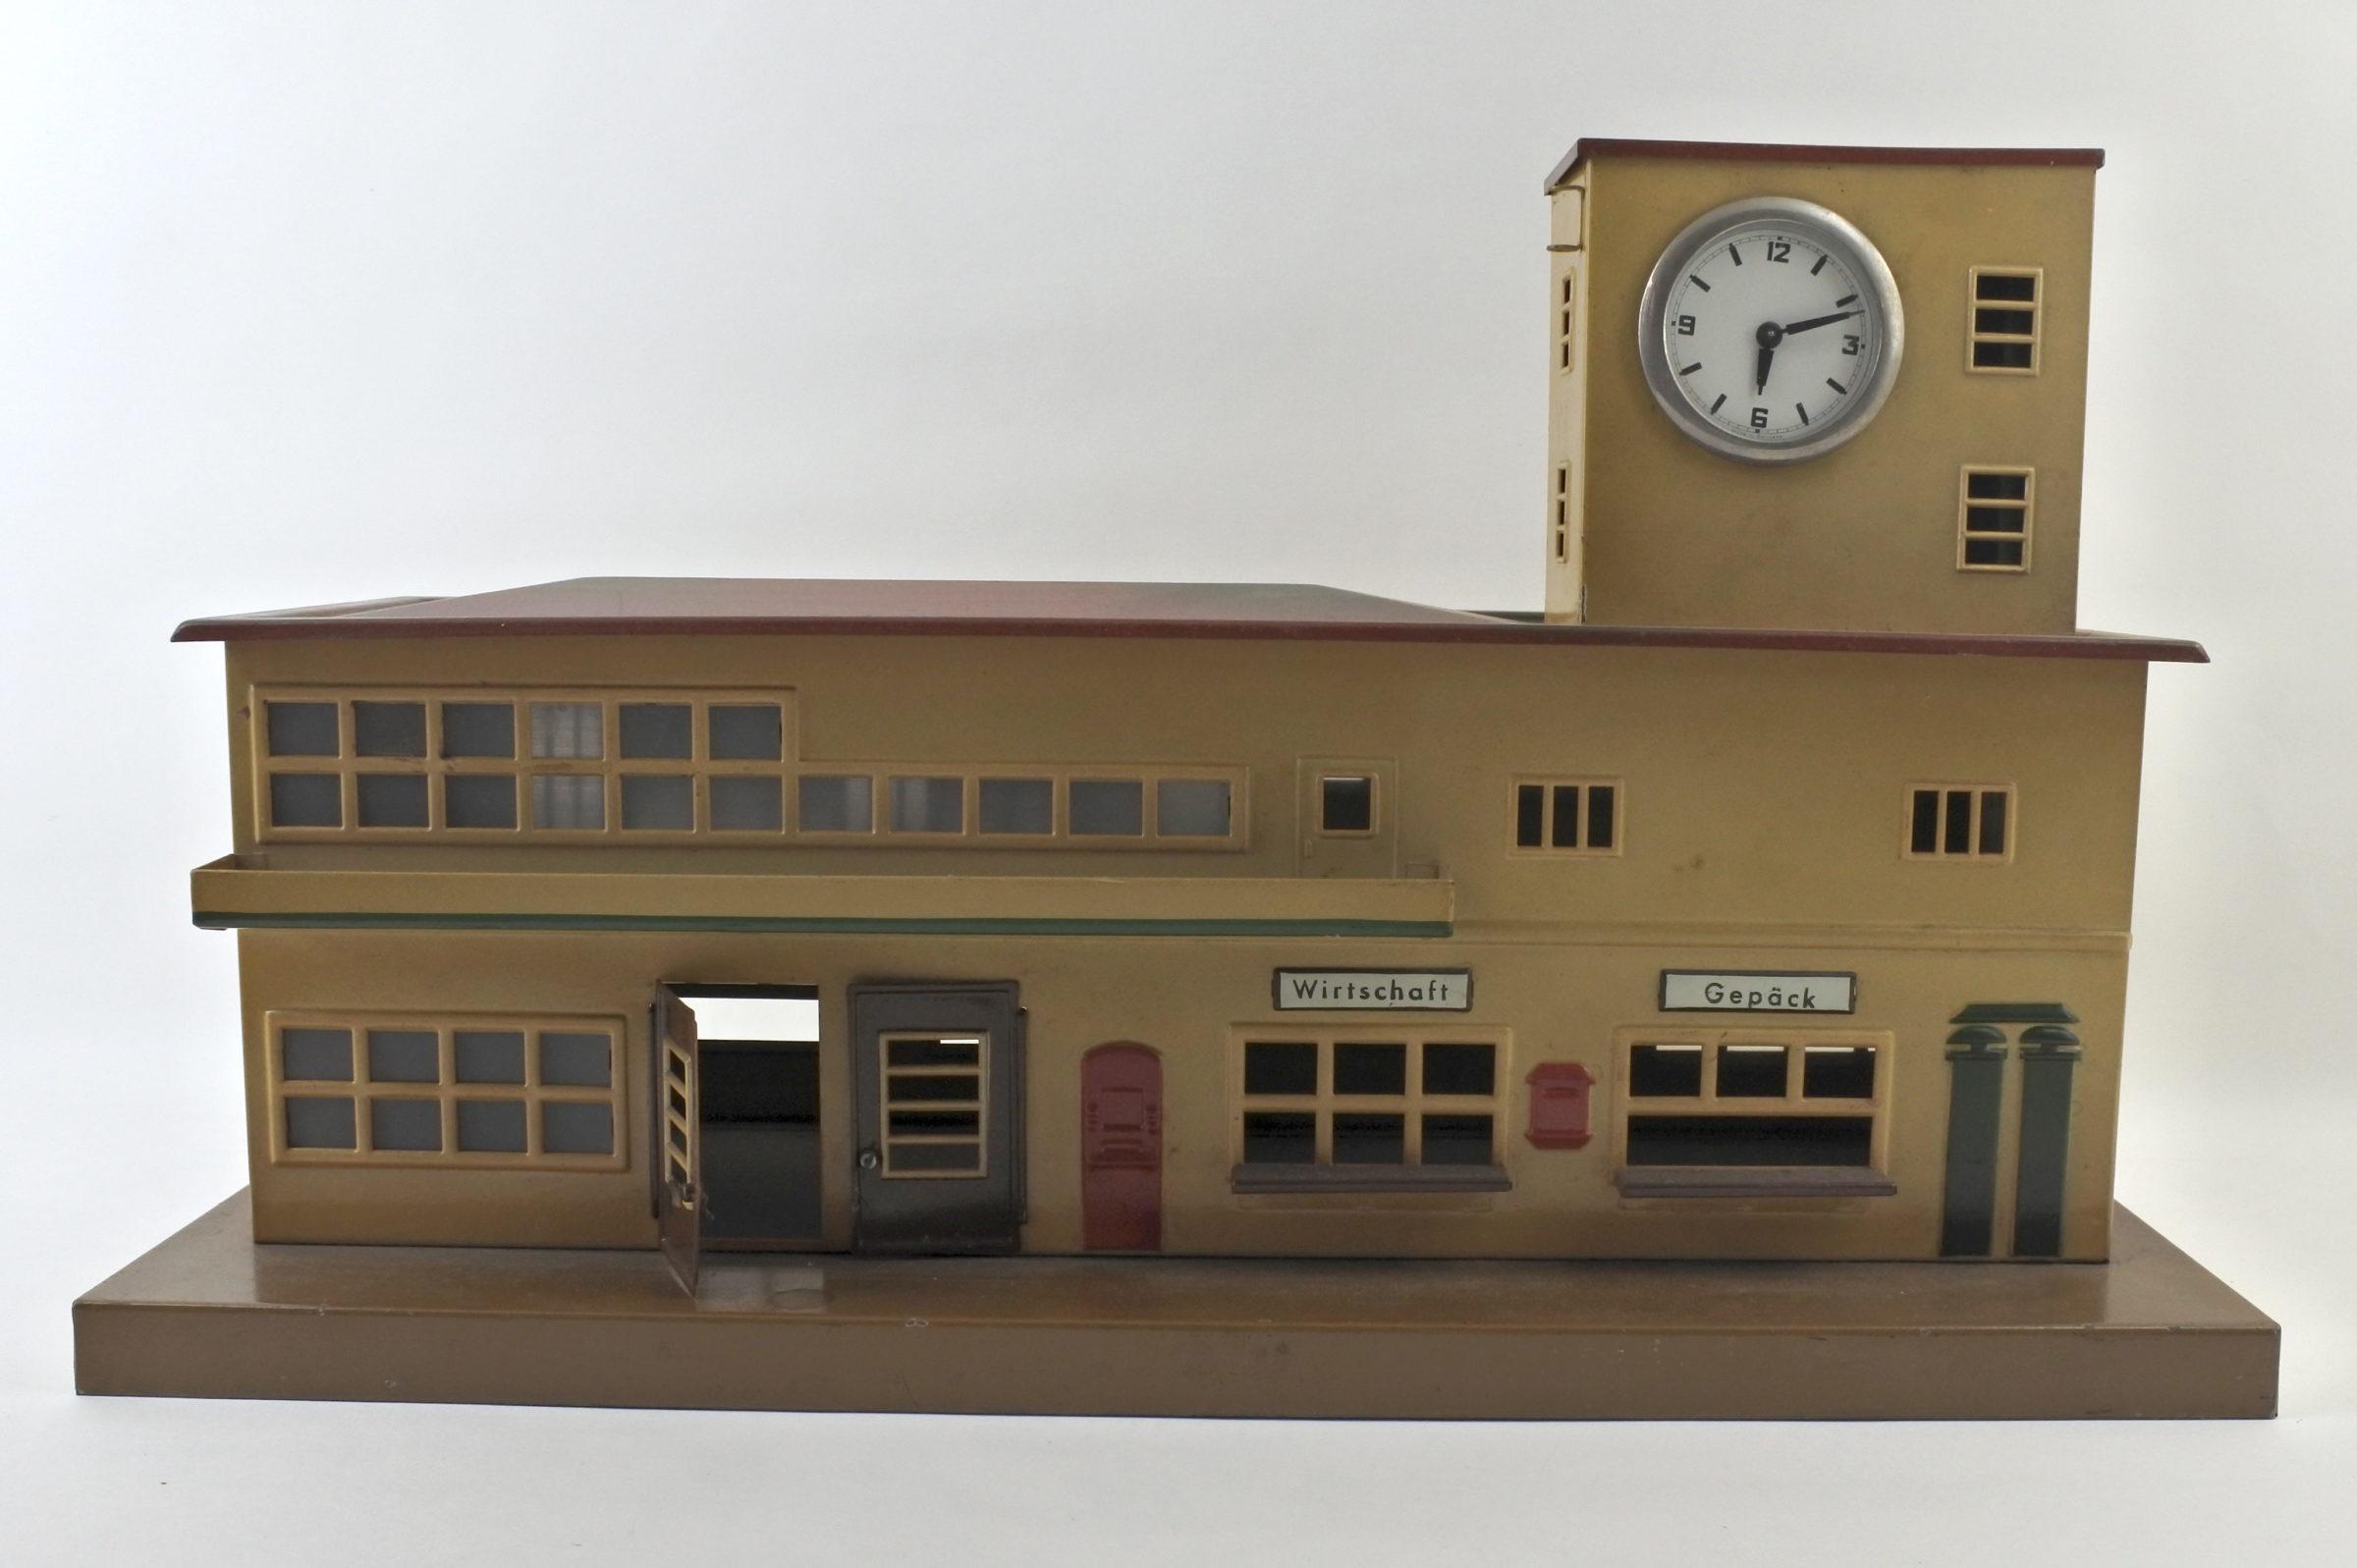 Antica stazione dei treni in latta policroma - Marklin